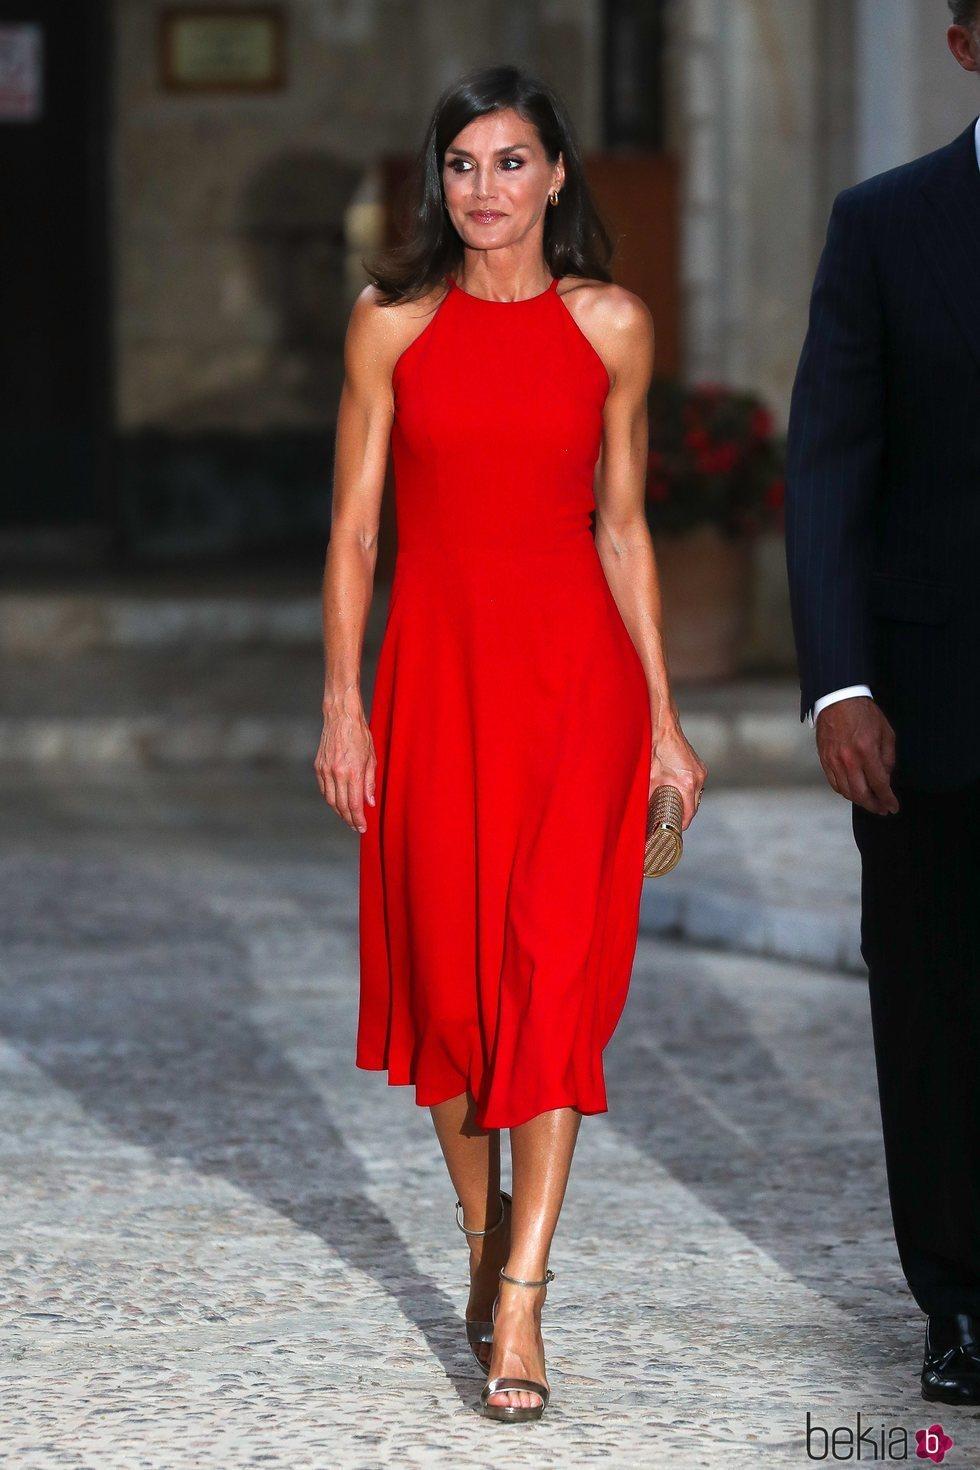 La Reina Letizia de rojo pasión en la recepción de la Almudaina